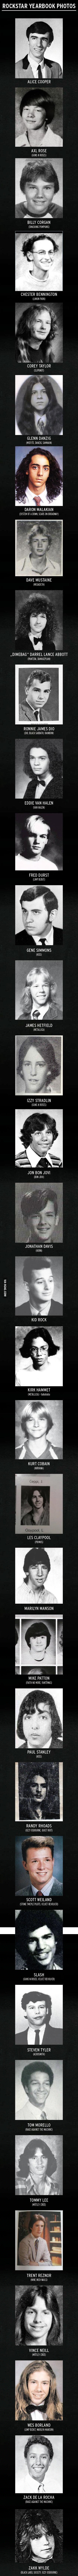 Rockstar Yearbook Photos